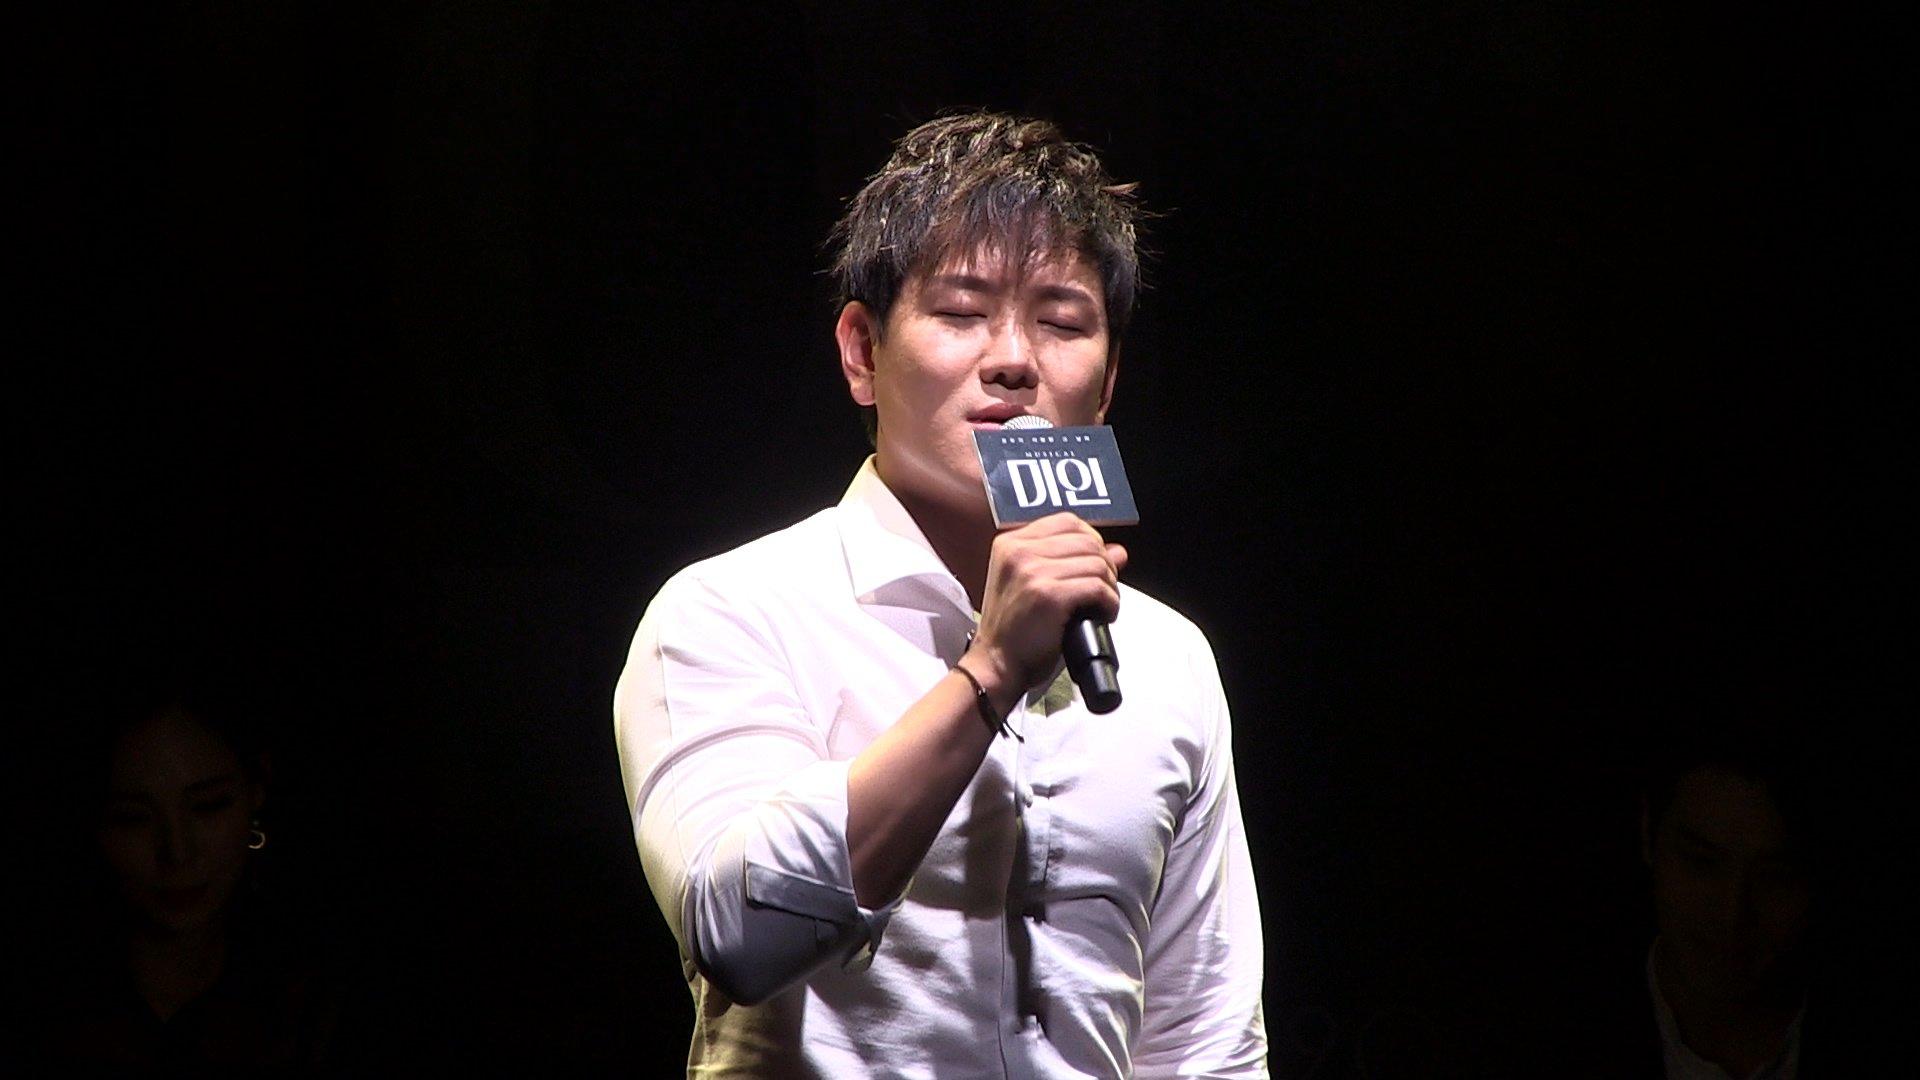 '미인' 쇼케이스 '떠나야 할 그 사람 / 봄비' - 정원영, 이승현, 김찬호